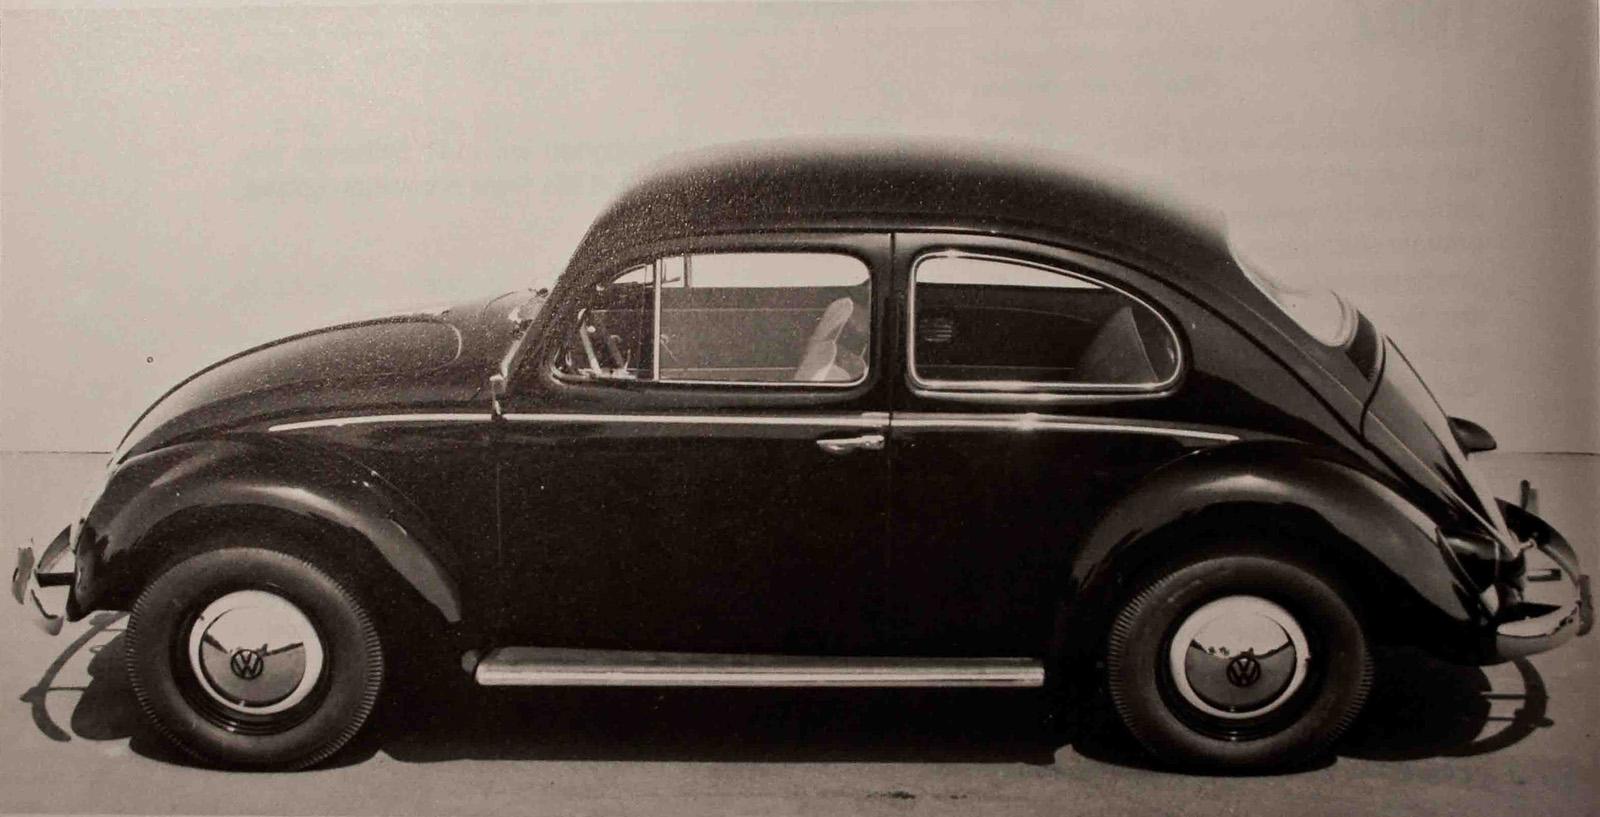 1958 export sedan